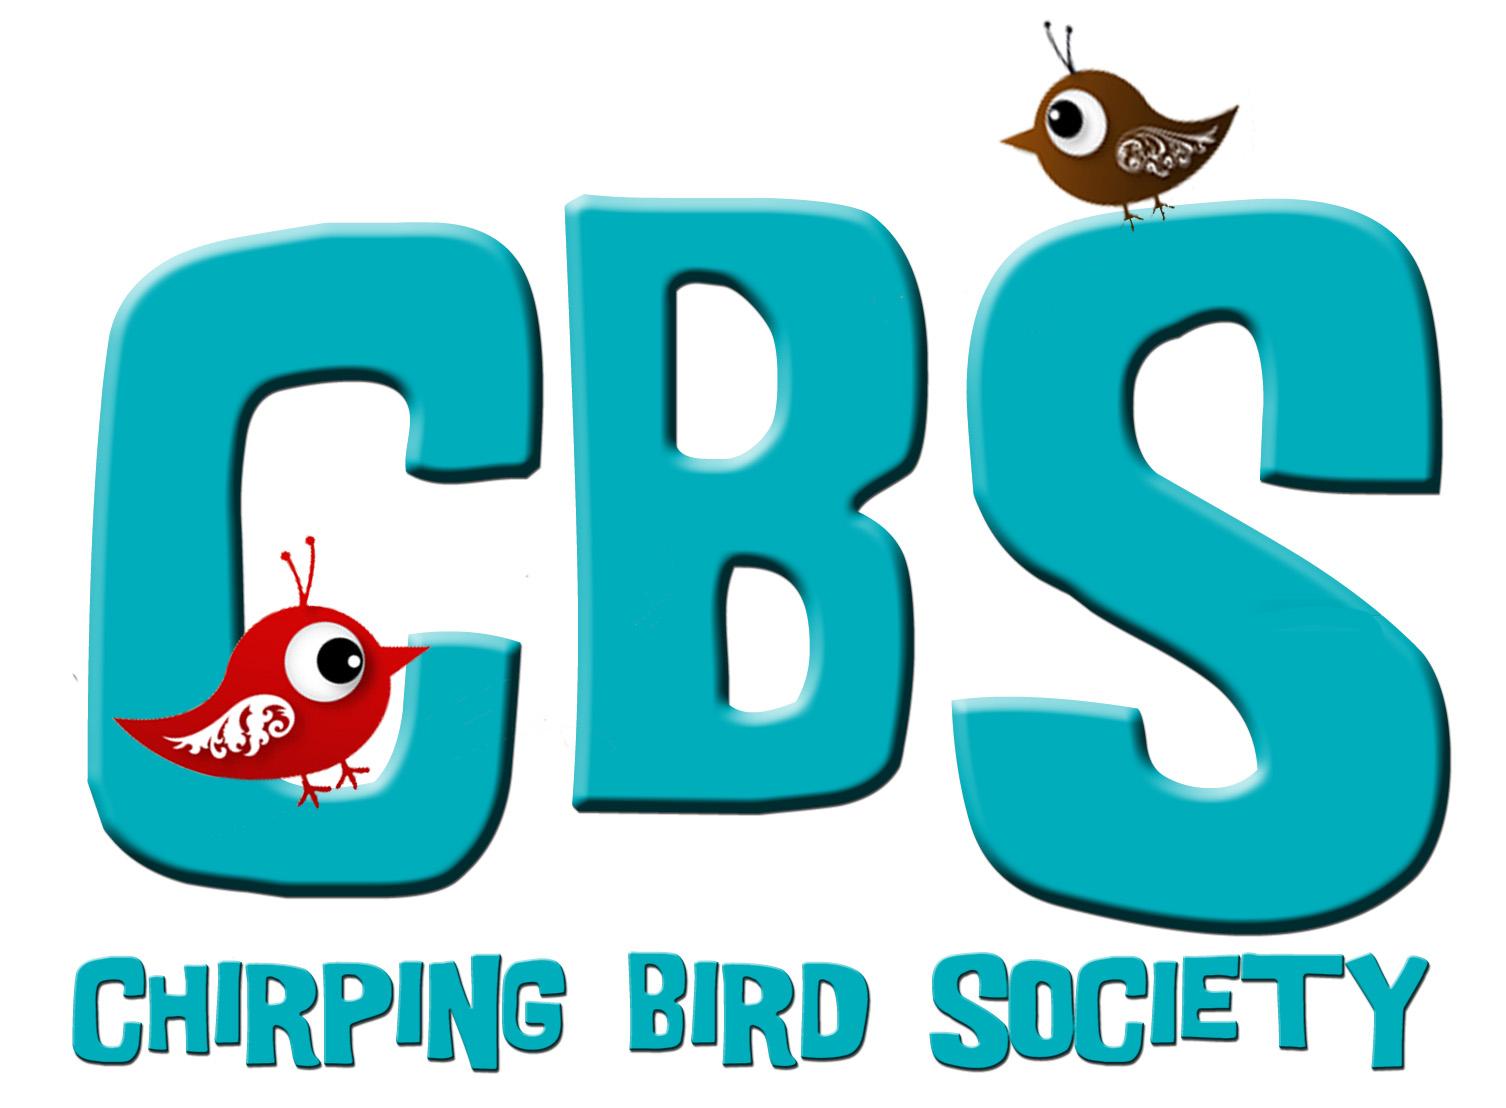 Chirping Bird Society